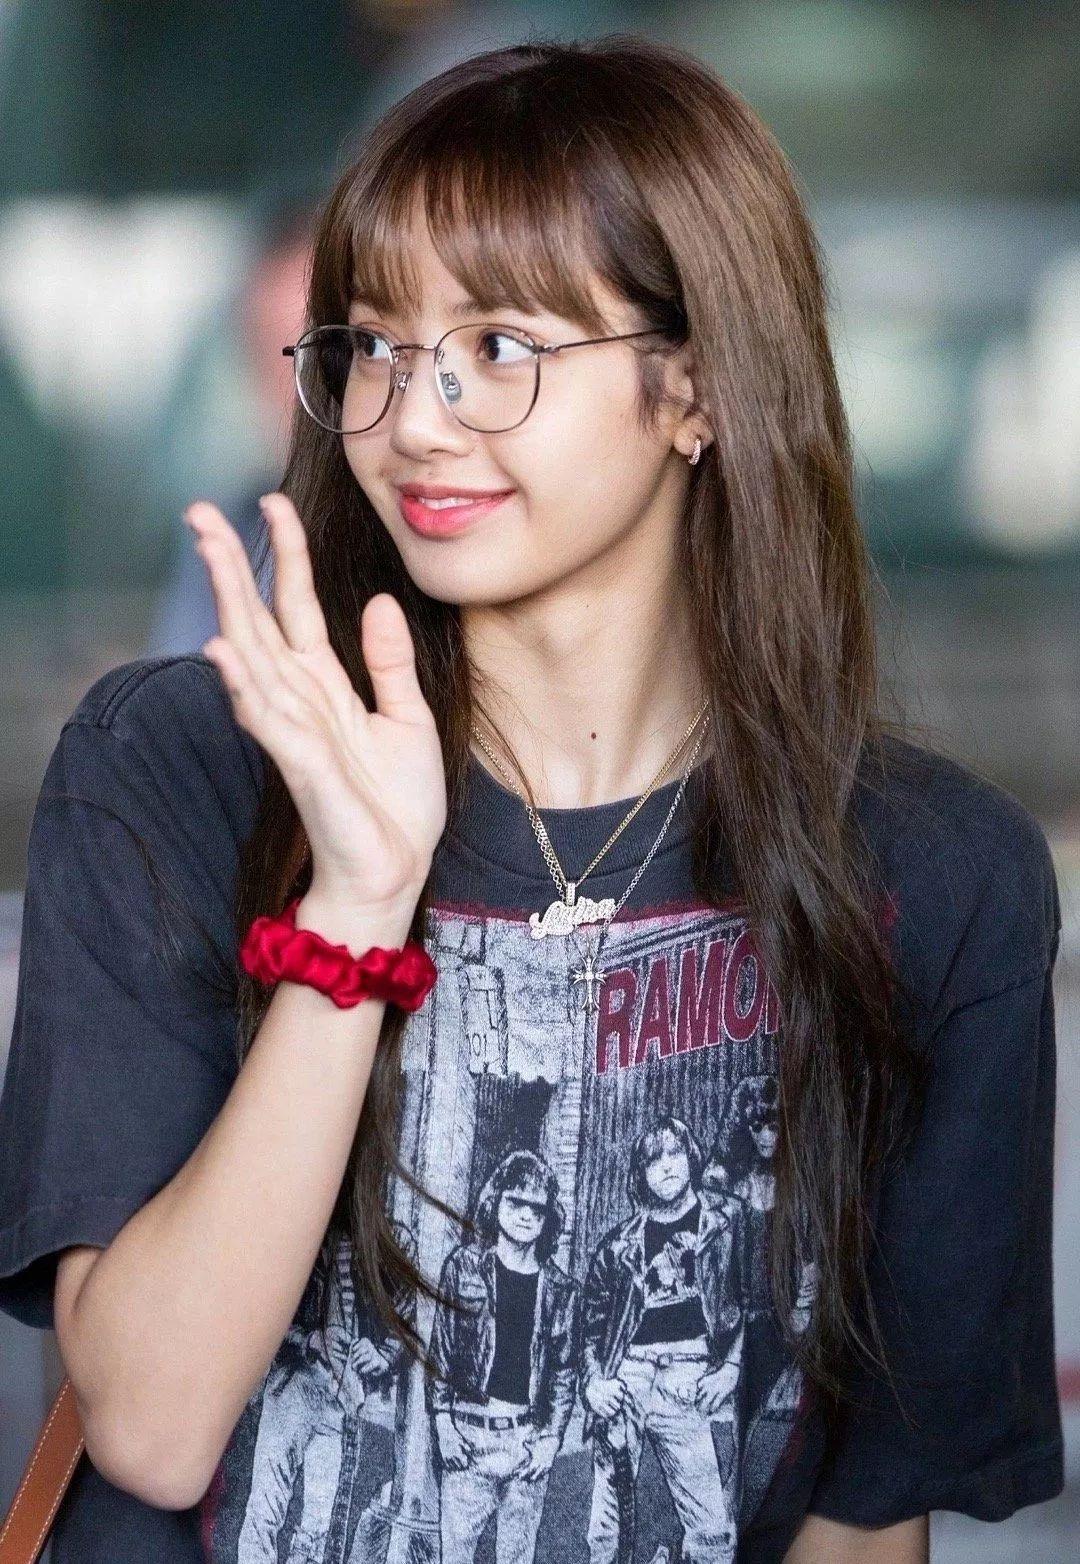 戴眼镜的LISA好甜!原来有一种妆容是专门配眼镜的?